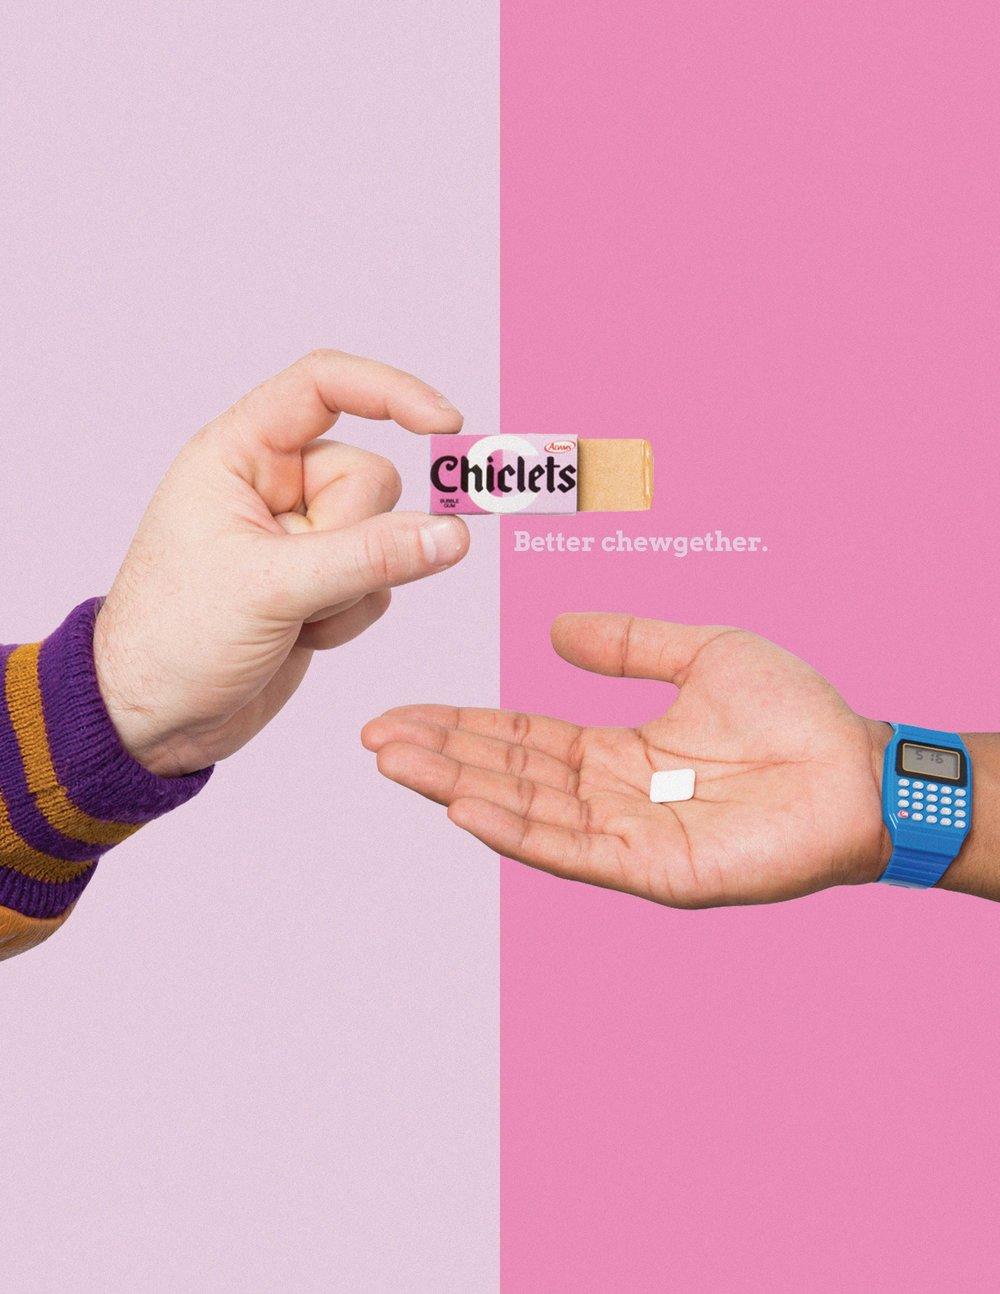 Chiclets_print2.jpg